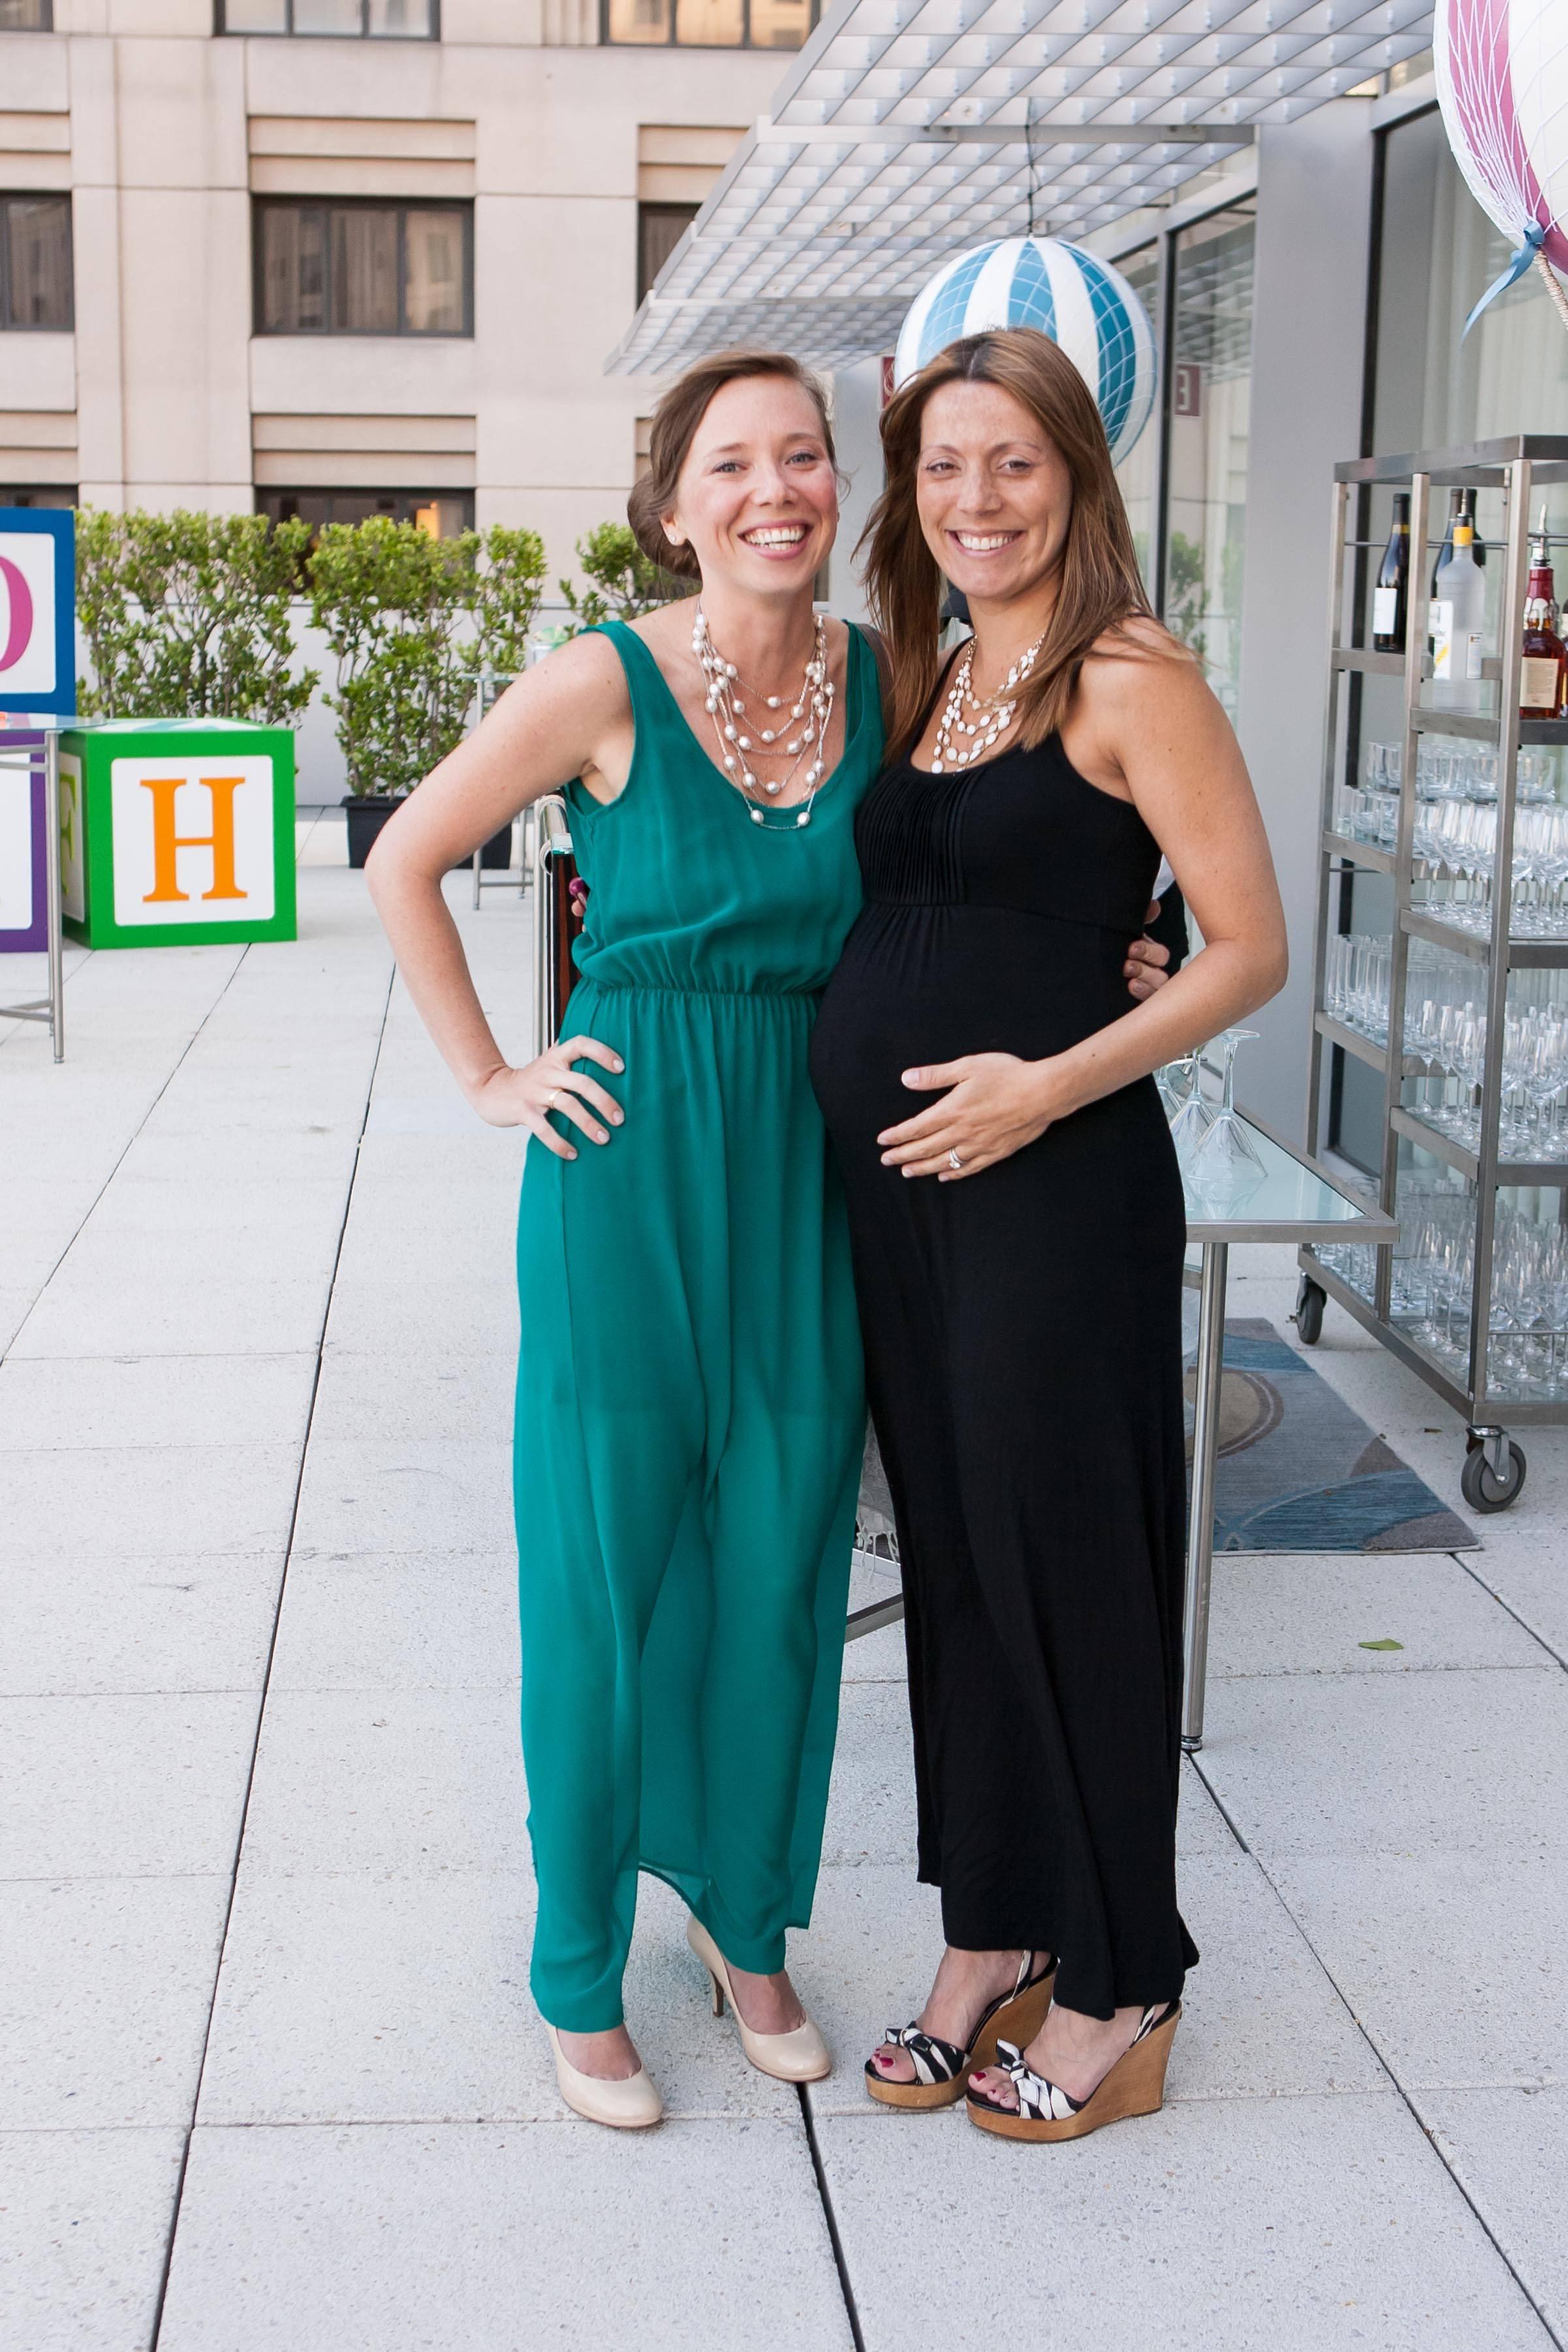 Amanda Patterson, Jenna Mesic